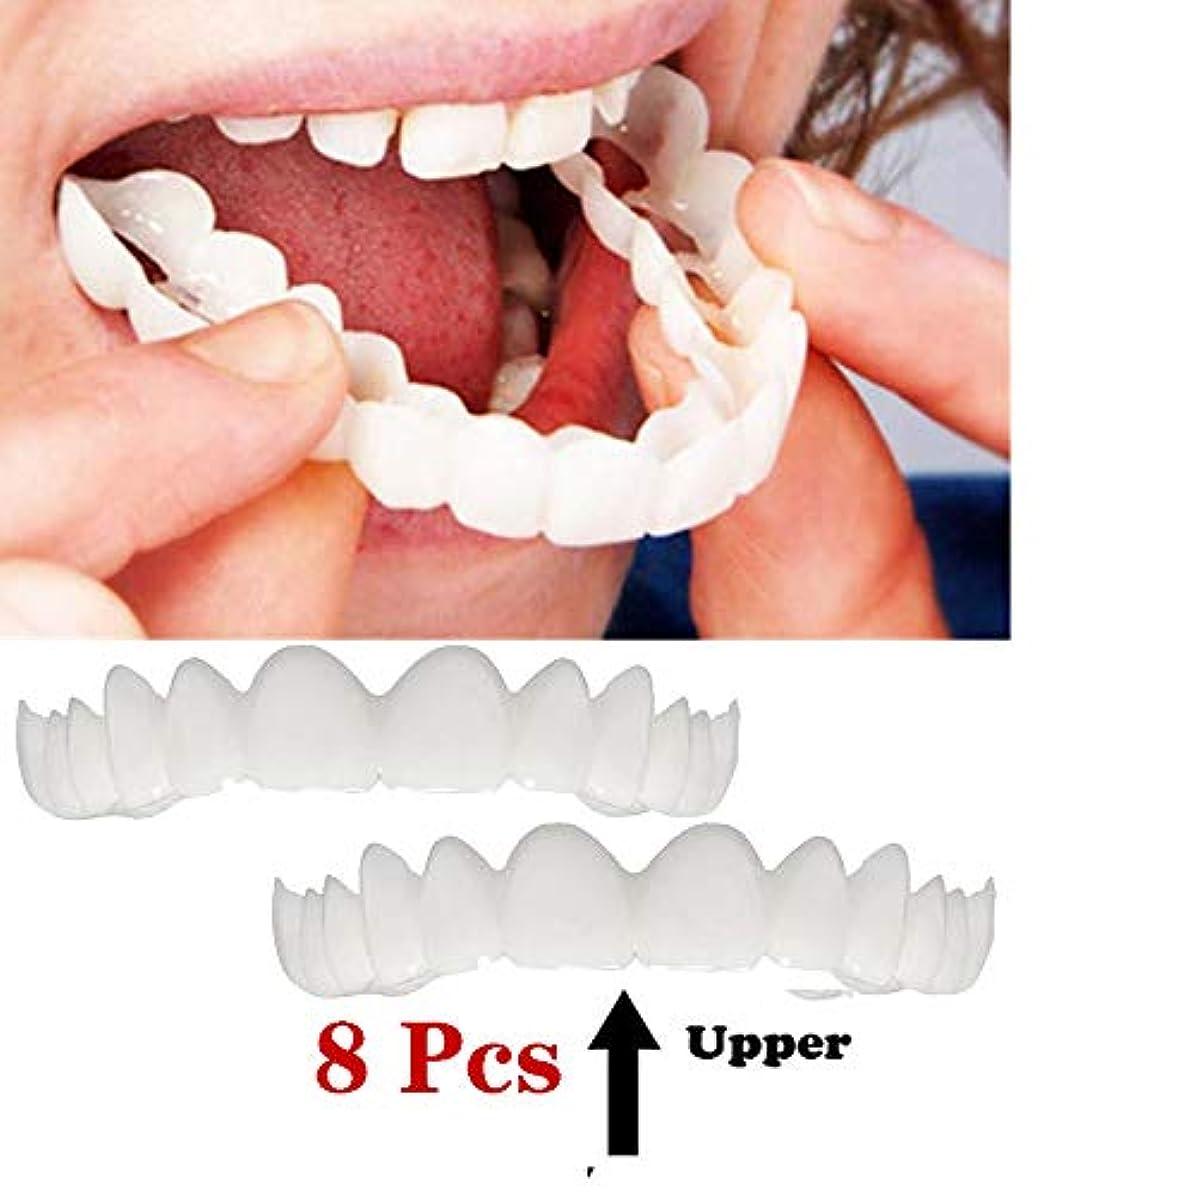 偽善解放する耐久8ピース突き板歯仮化粧品歯義歯歯模擬ブレースアッパーブレースホワイトニング歯スナップキャップインスタント快適なフレックスパーフェクトベニア